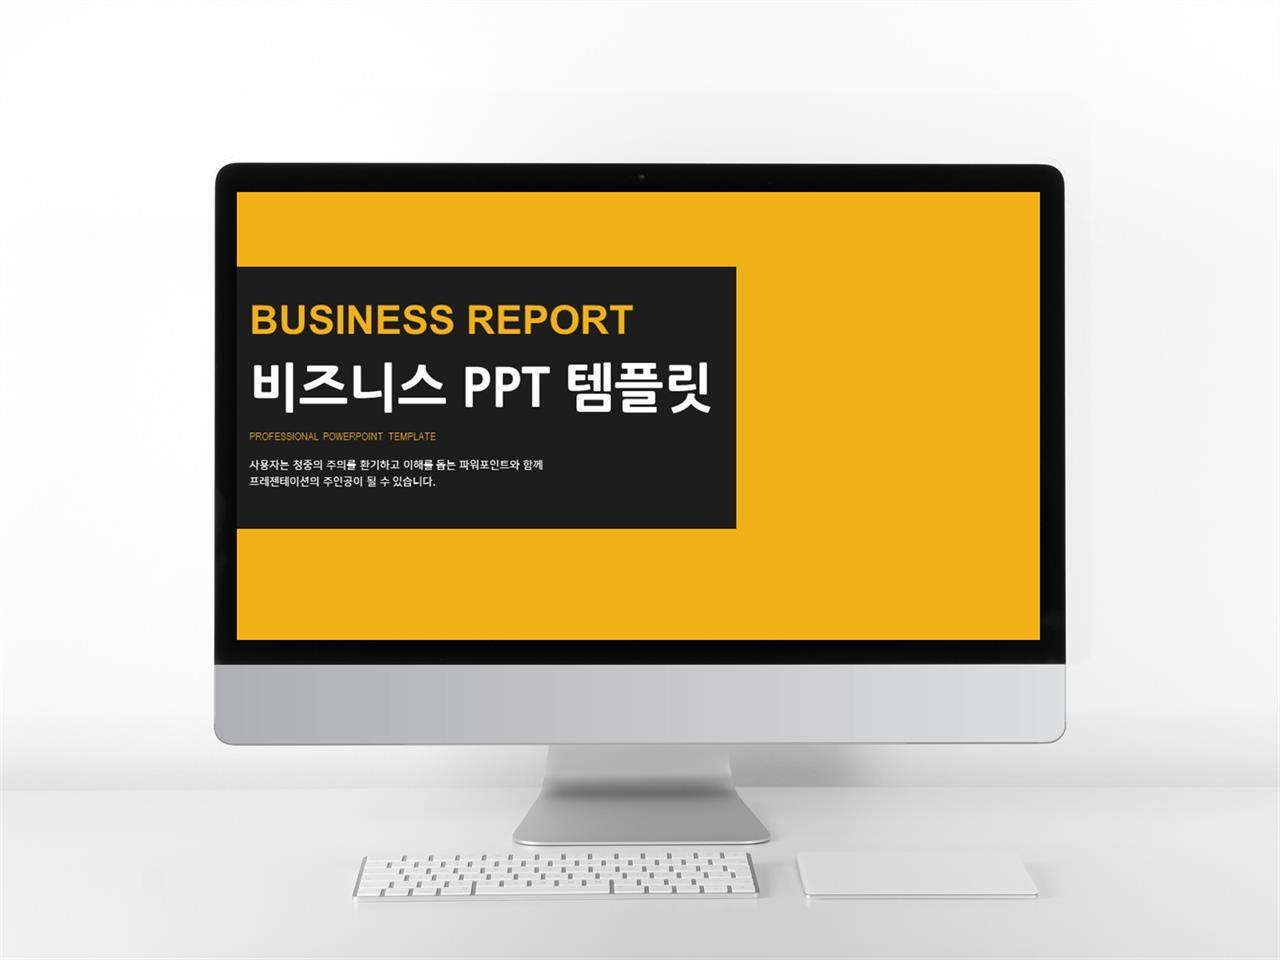 사업융자 주황색 간략한 매력적인 PPT서식 제작 미리보기